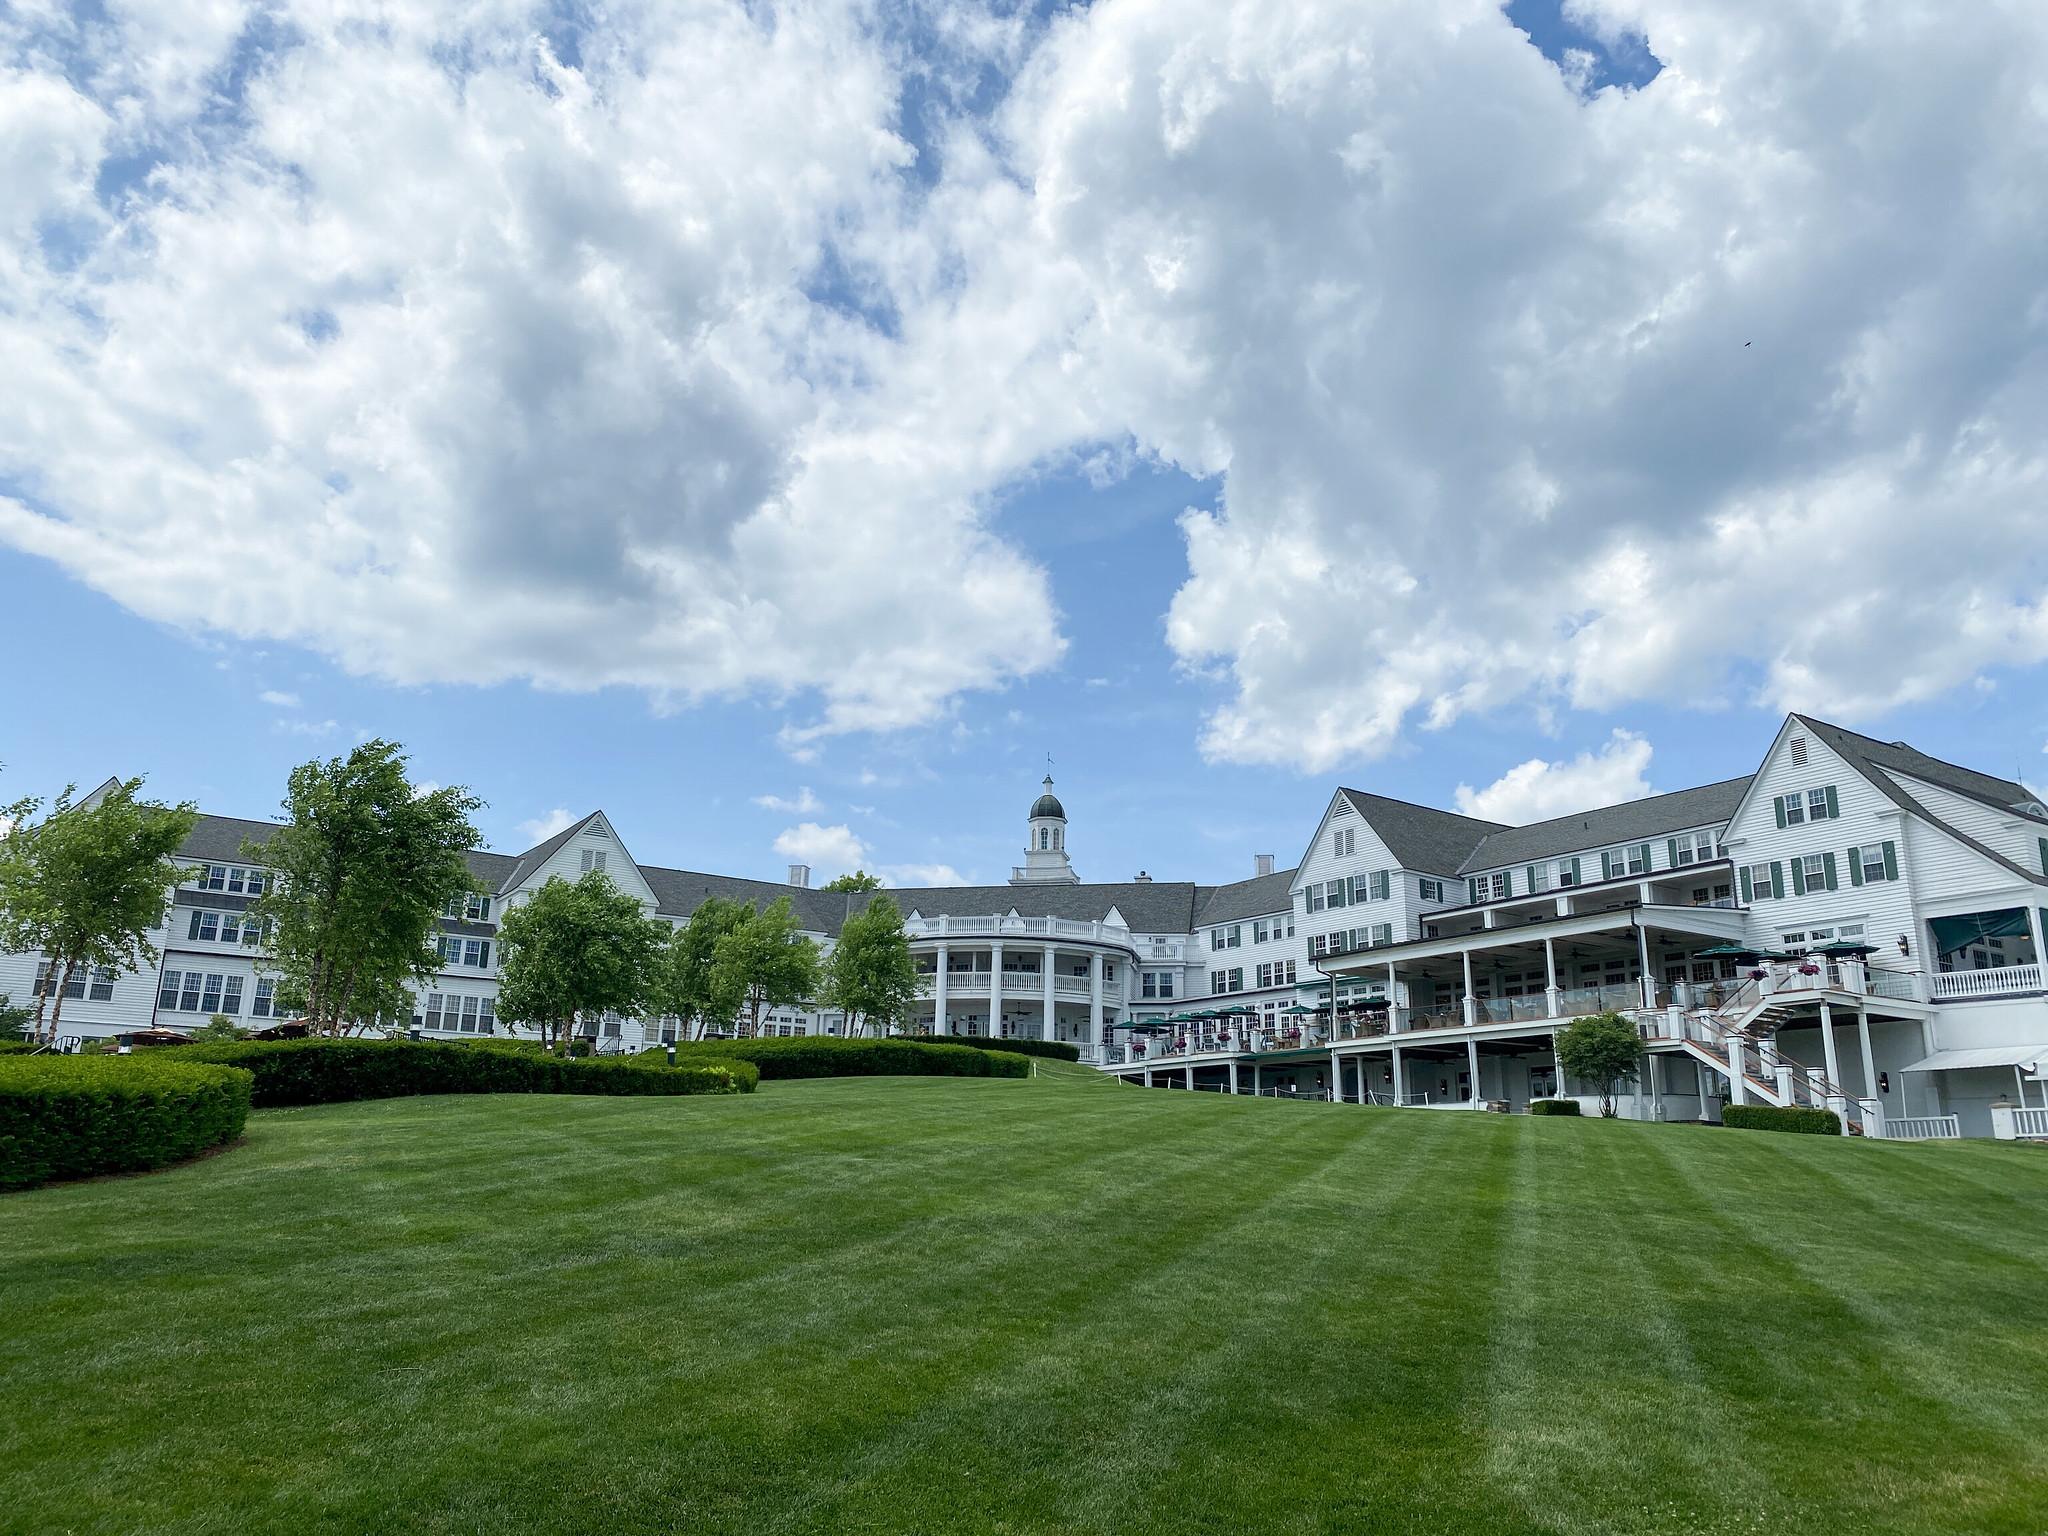 Top Luxury Resort in the Northeast